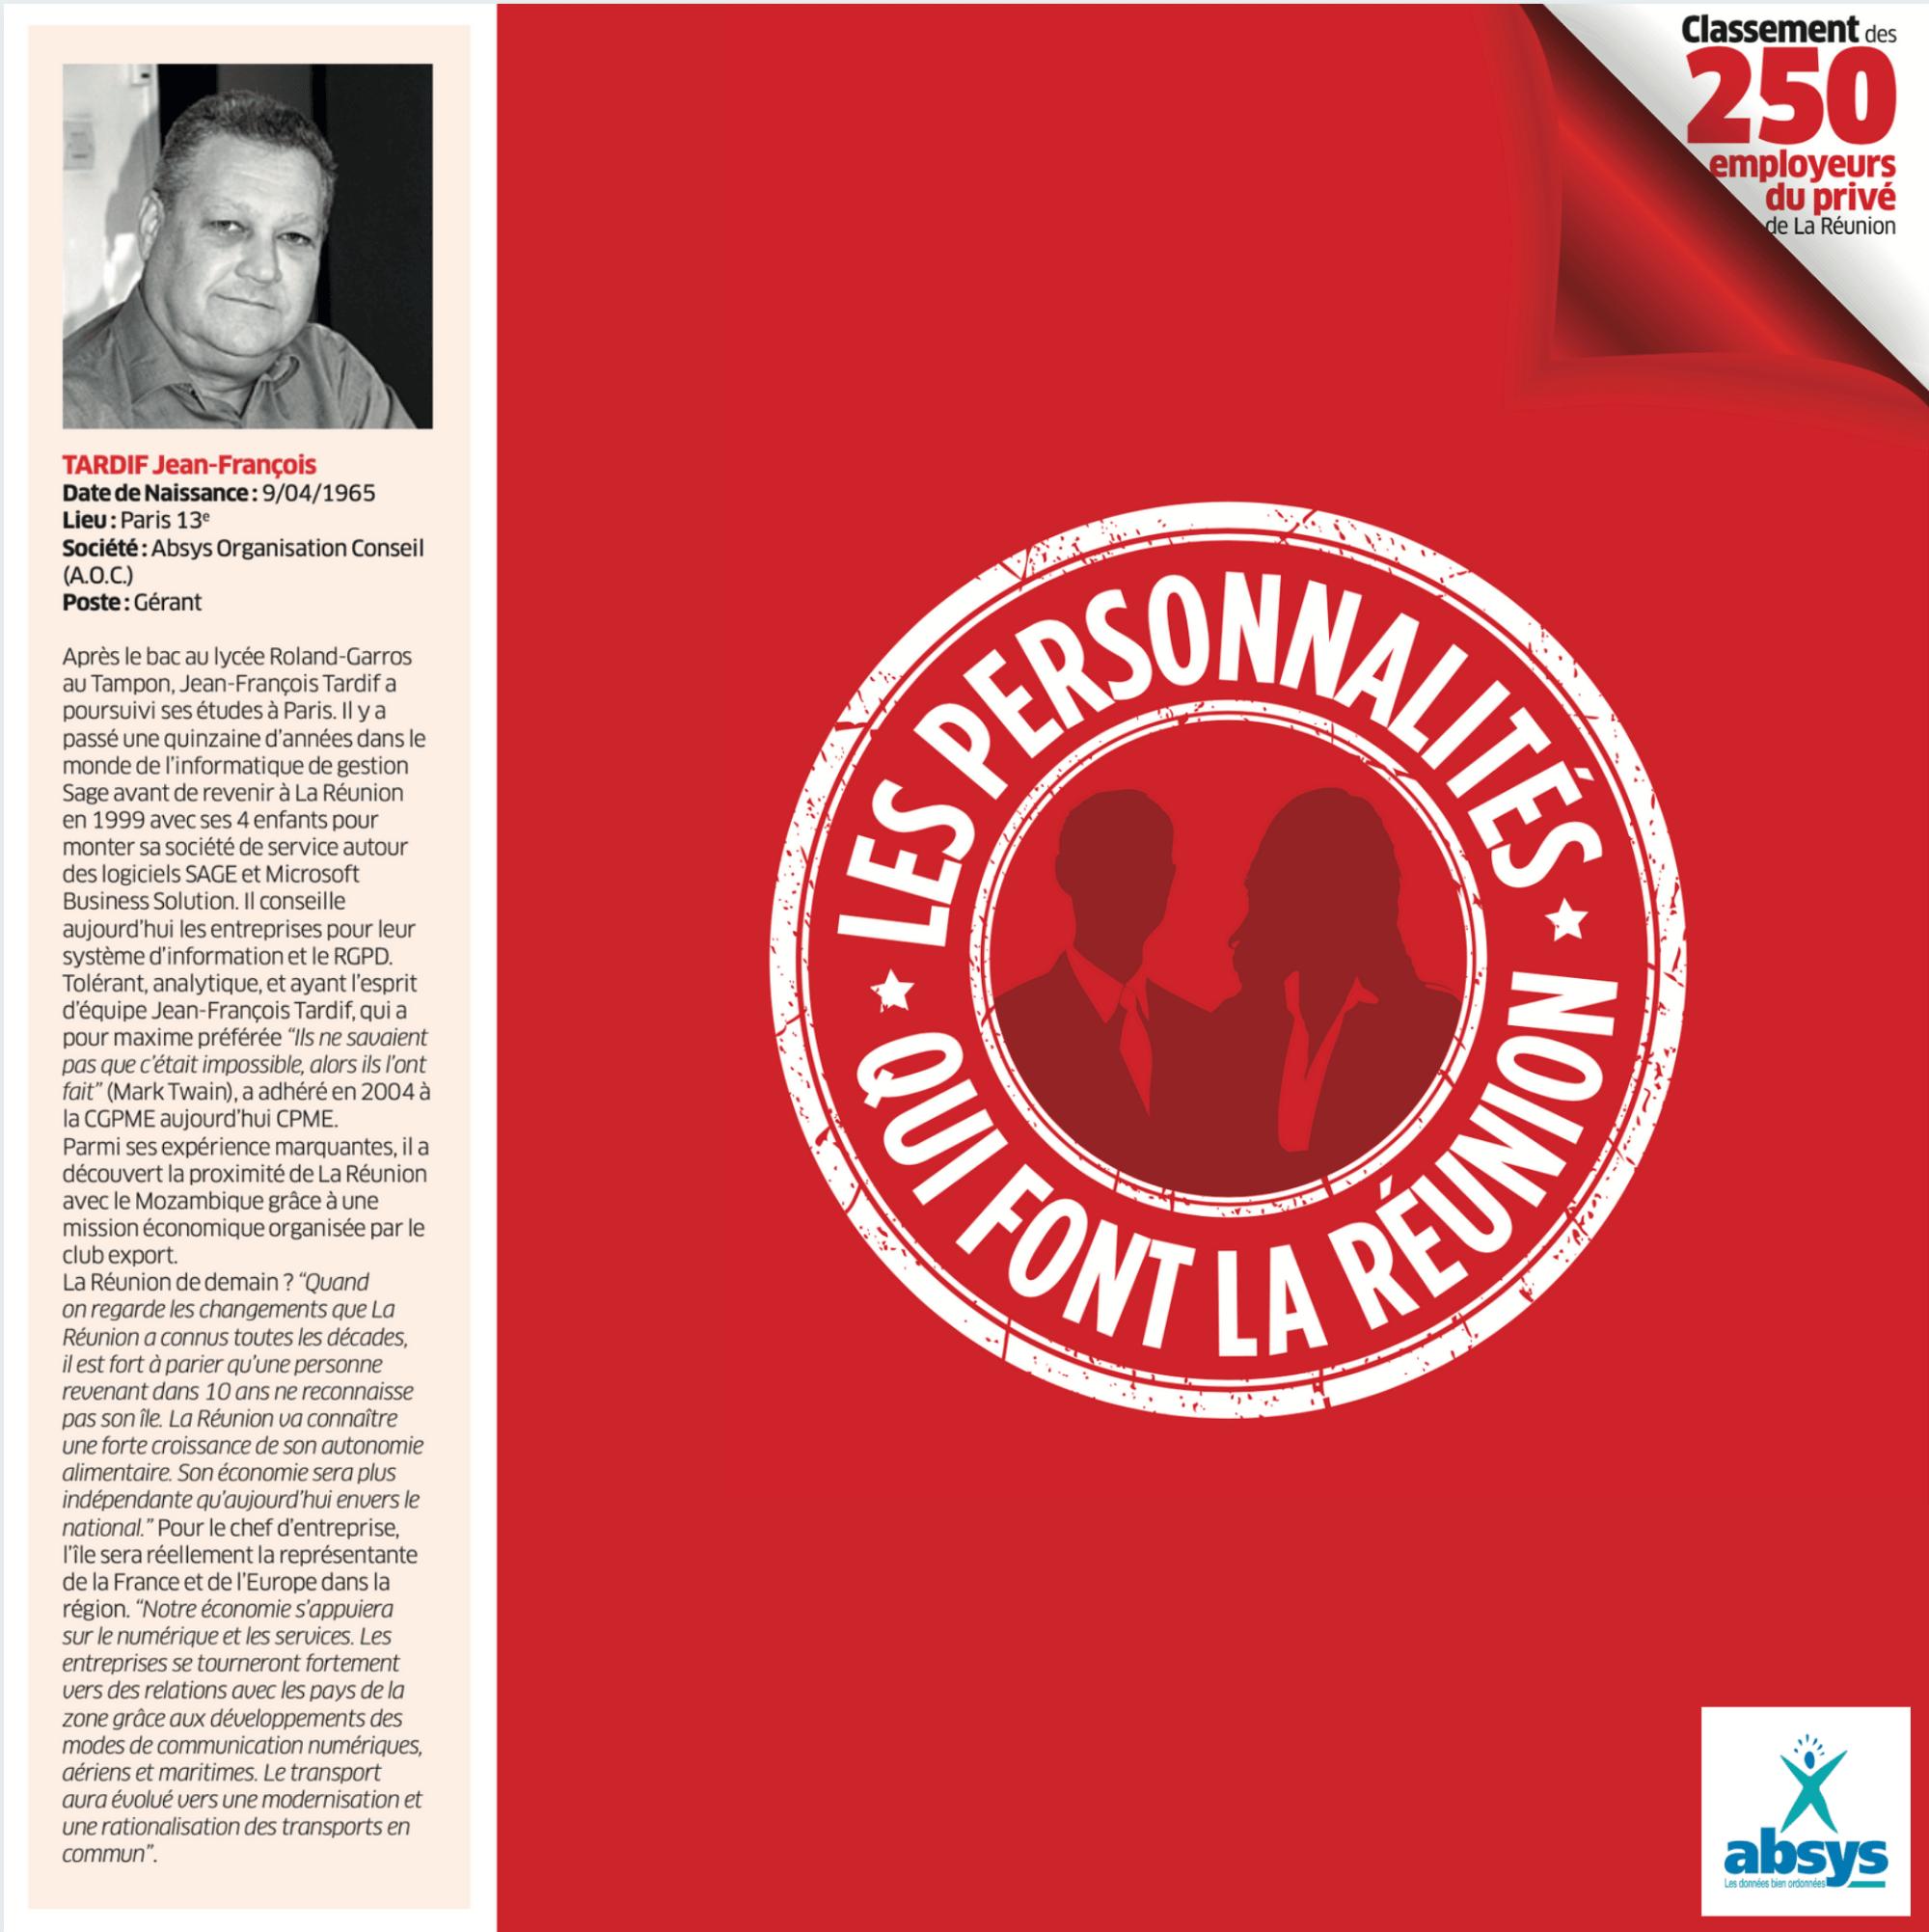 Mr Tardif dans le classement des 250 employeurs du privé de La Réunion - Le Memento